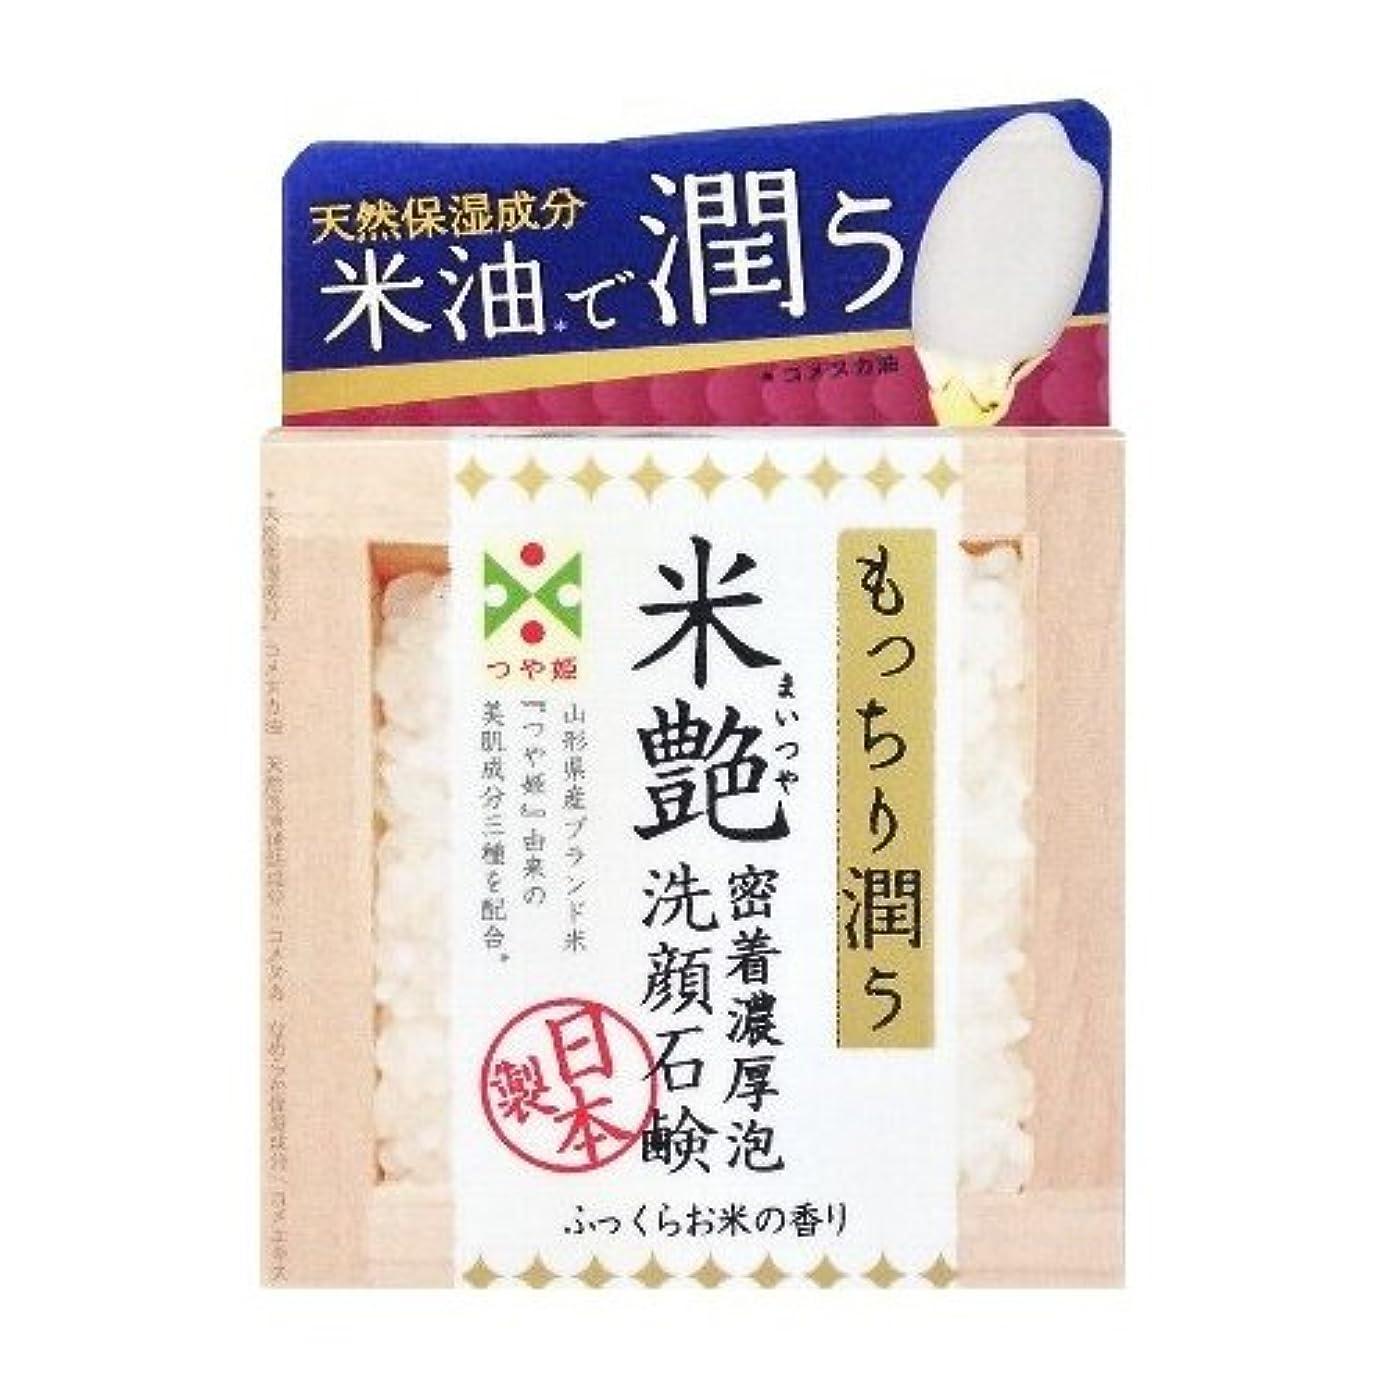 水没満たす突進ペリカン石鹸 米艶洗顔石鹸 100g